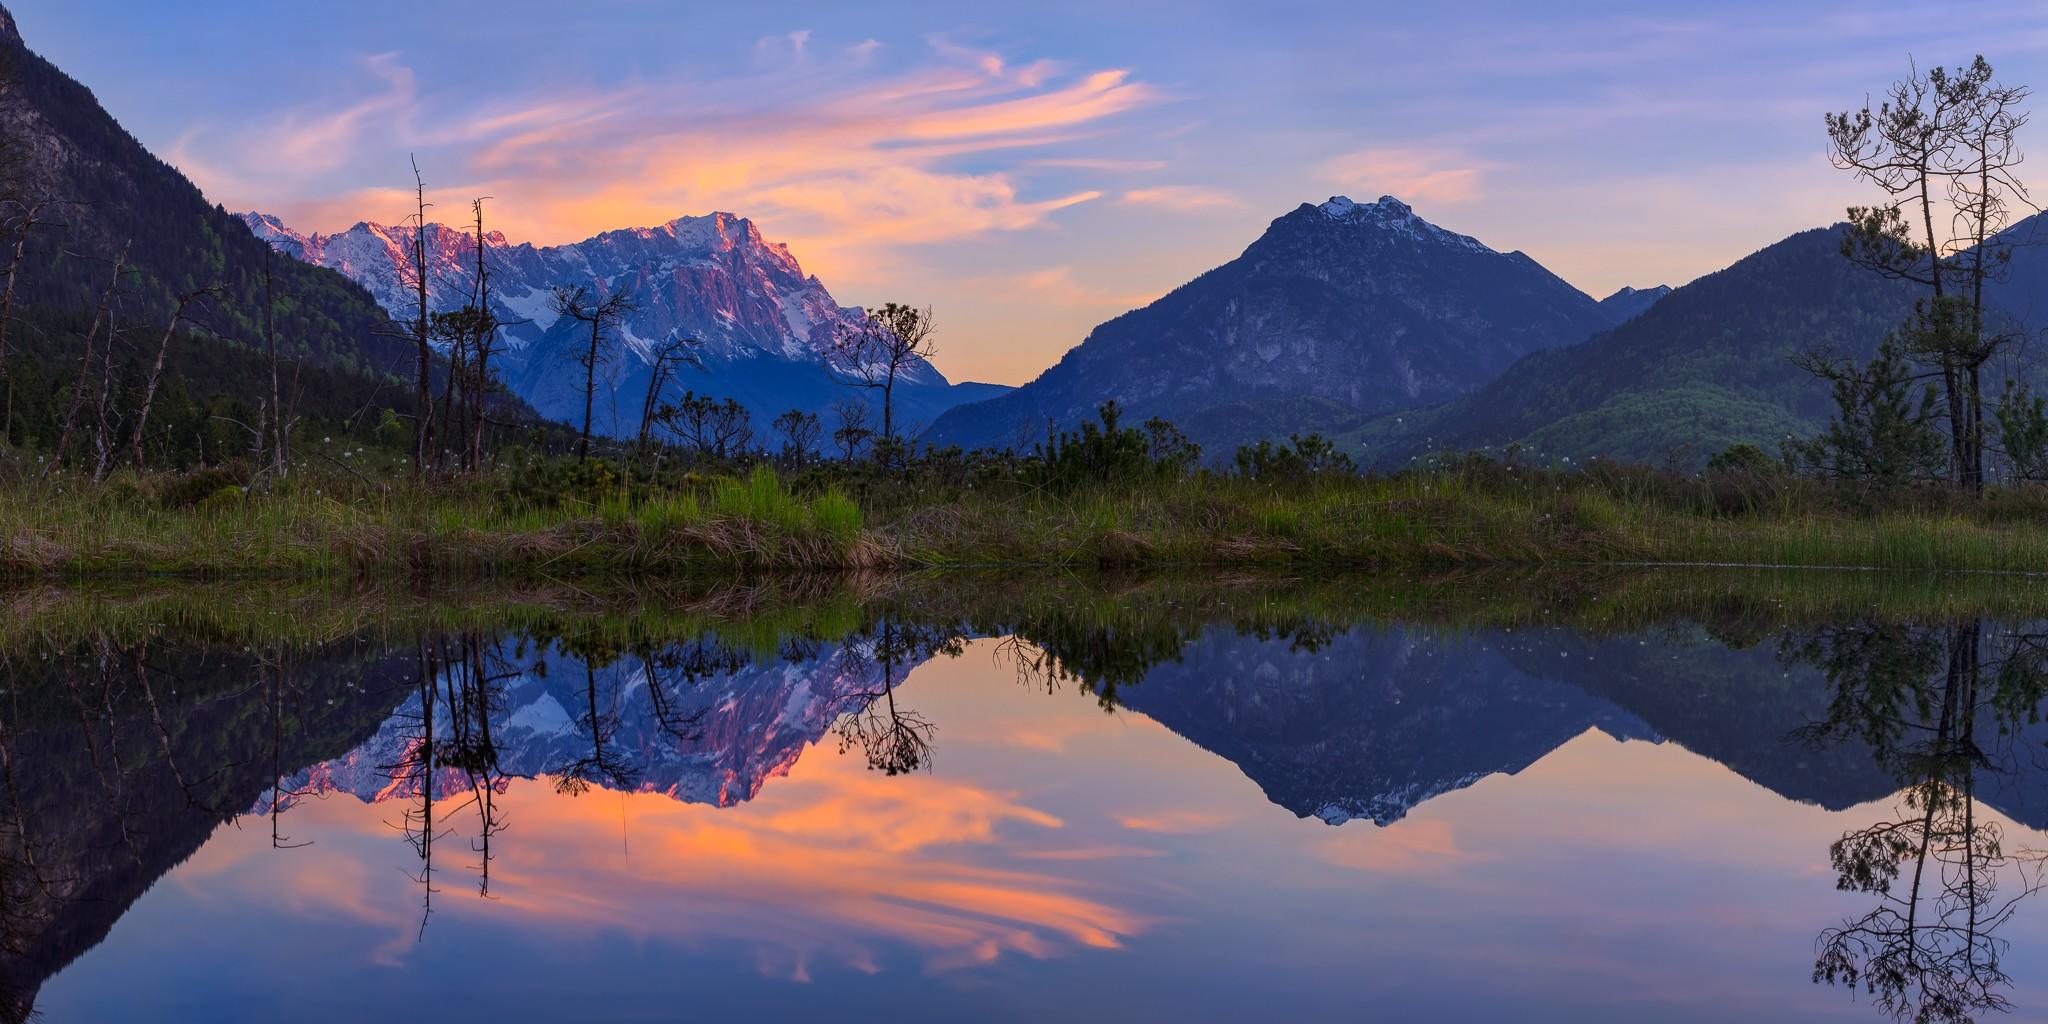 Zugspitzblick - Garmisch-Partenkirchen. Abendrot im Frühjahr, die ersten Gräser im Moos werden grün und auf den Bergen reflektiert der Schnee das Abendrot.